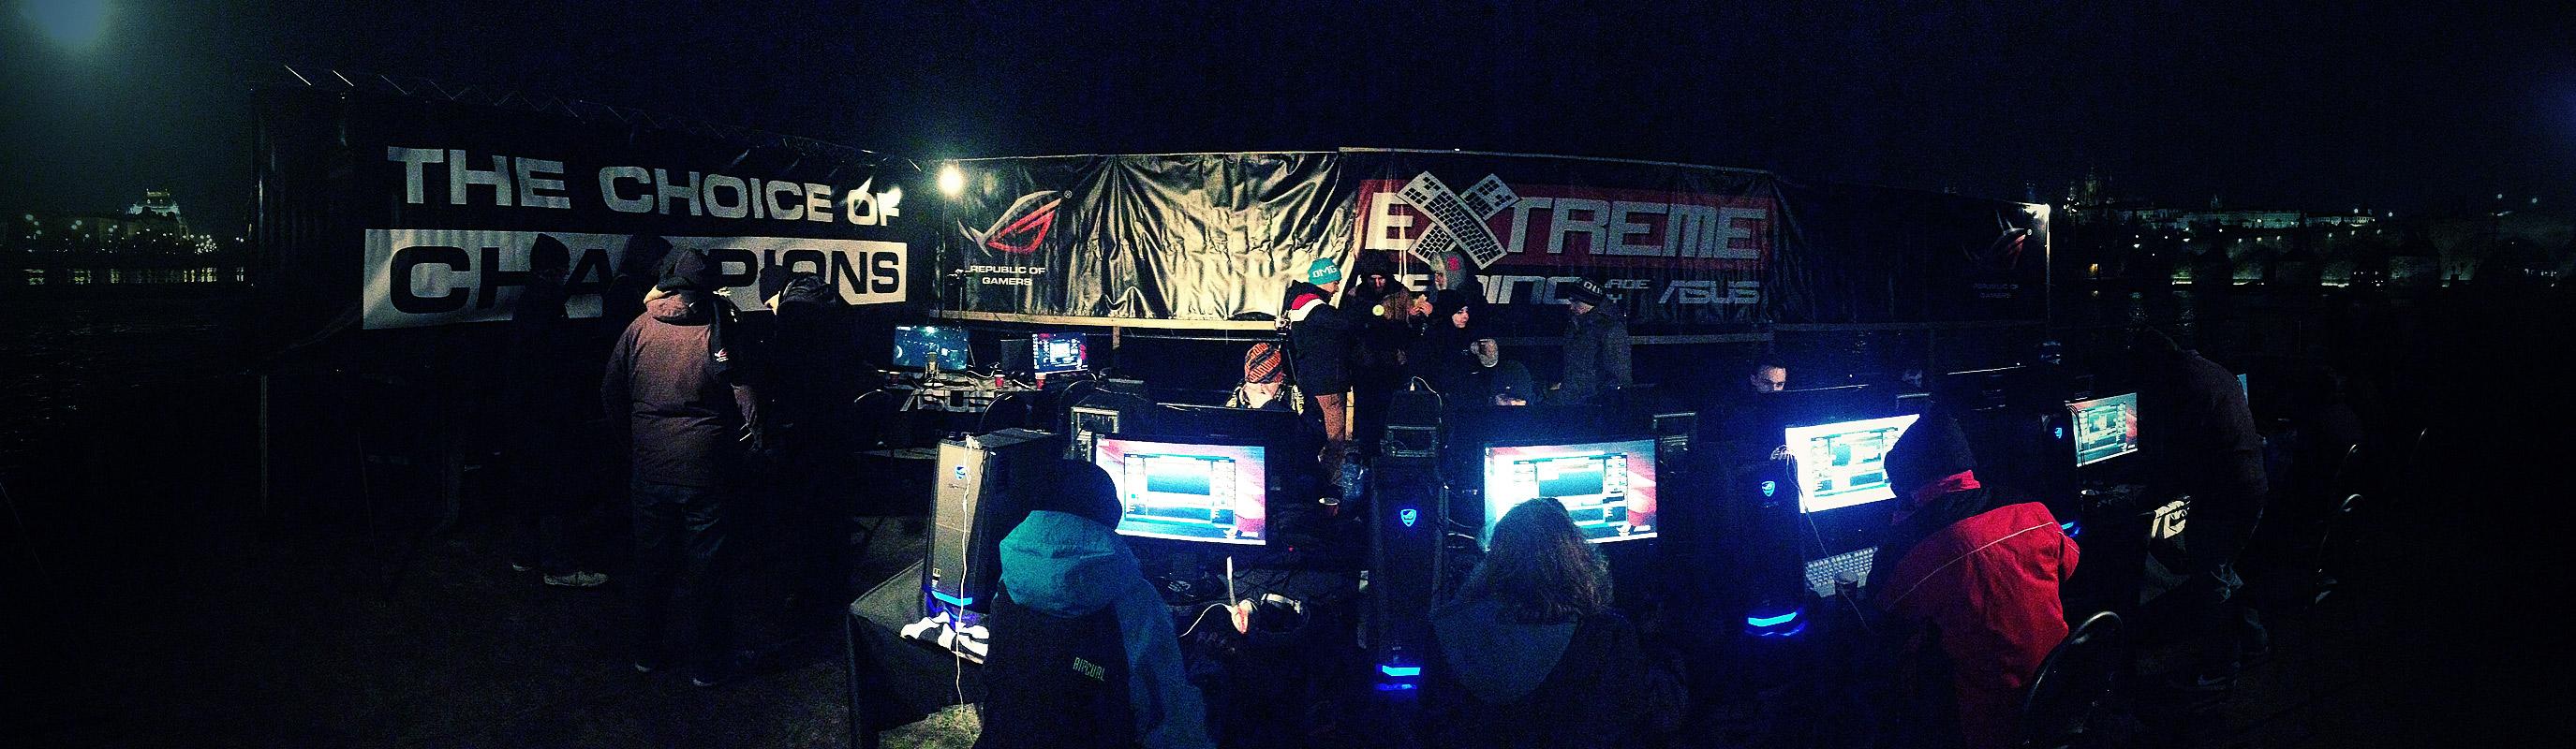 ASUS Extreme Gaming - extrémní turnaj PC hráčů uprostřed Vltavy 104751